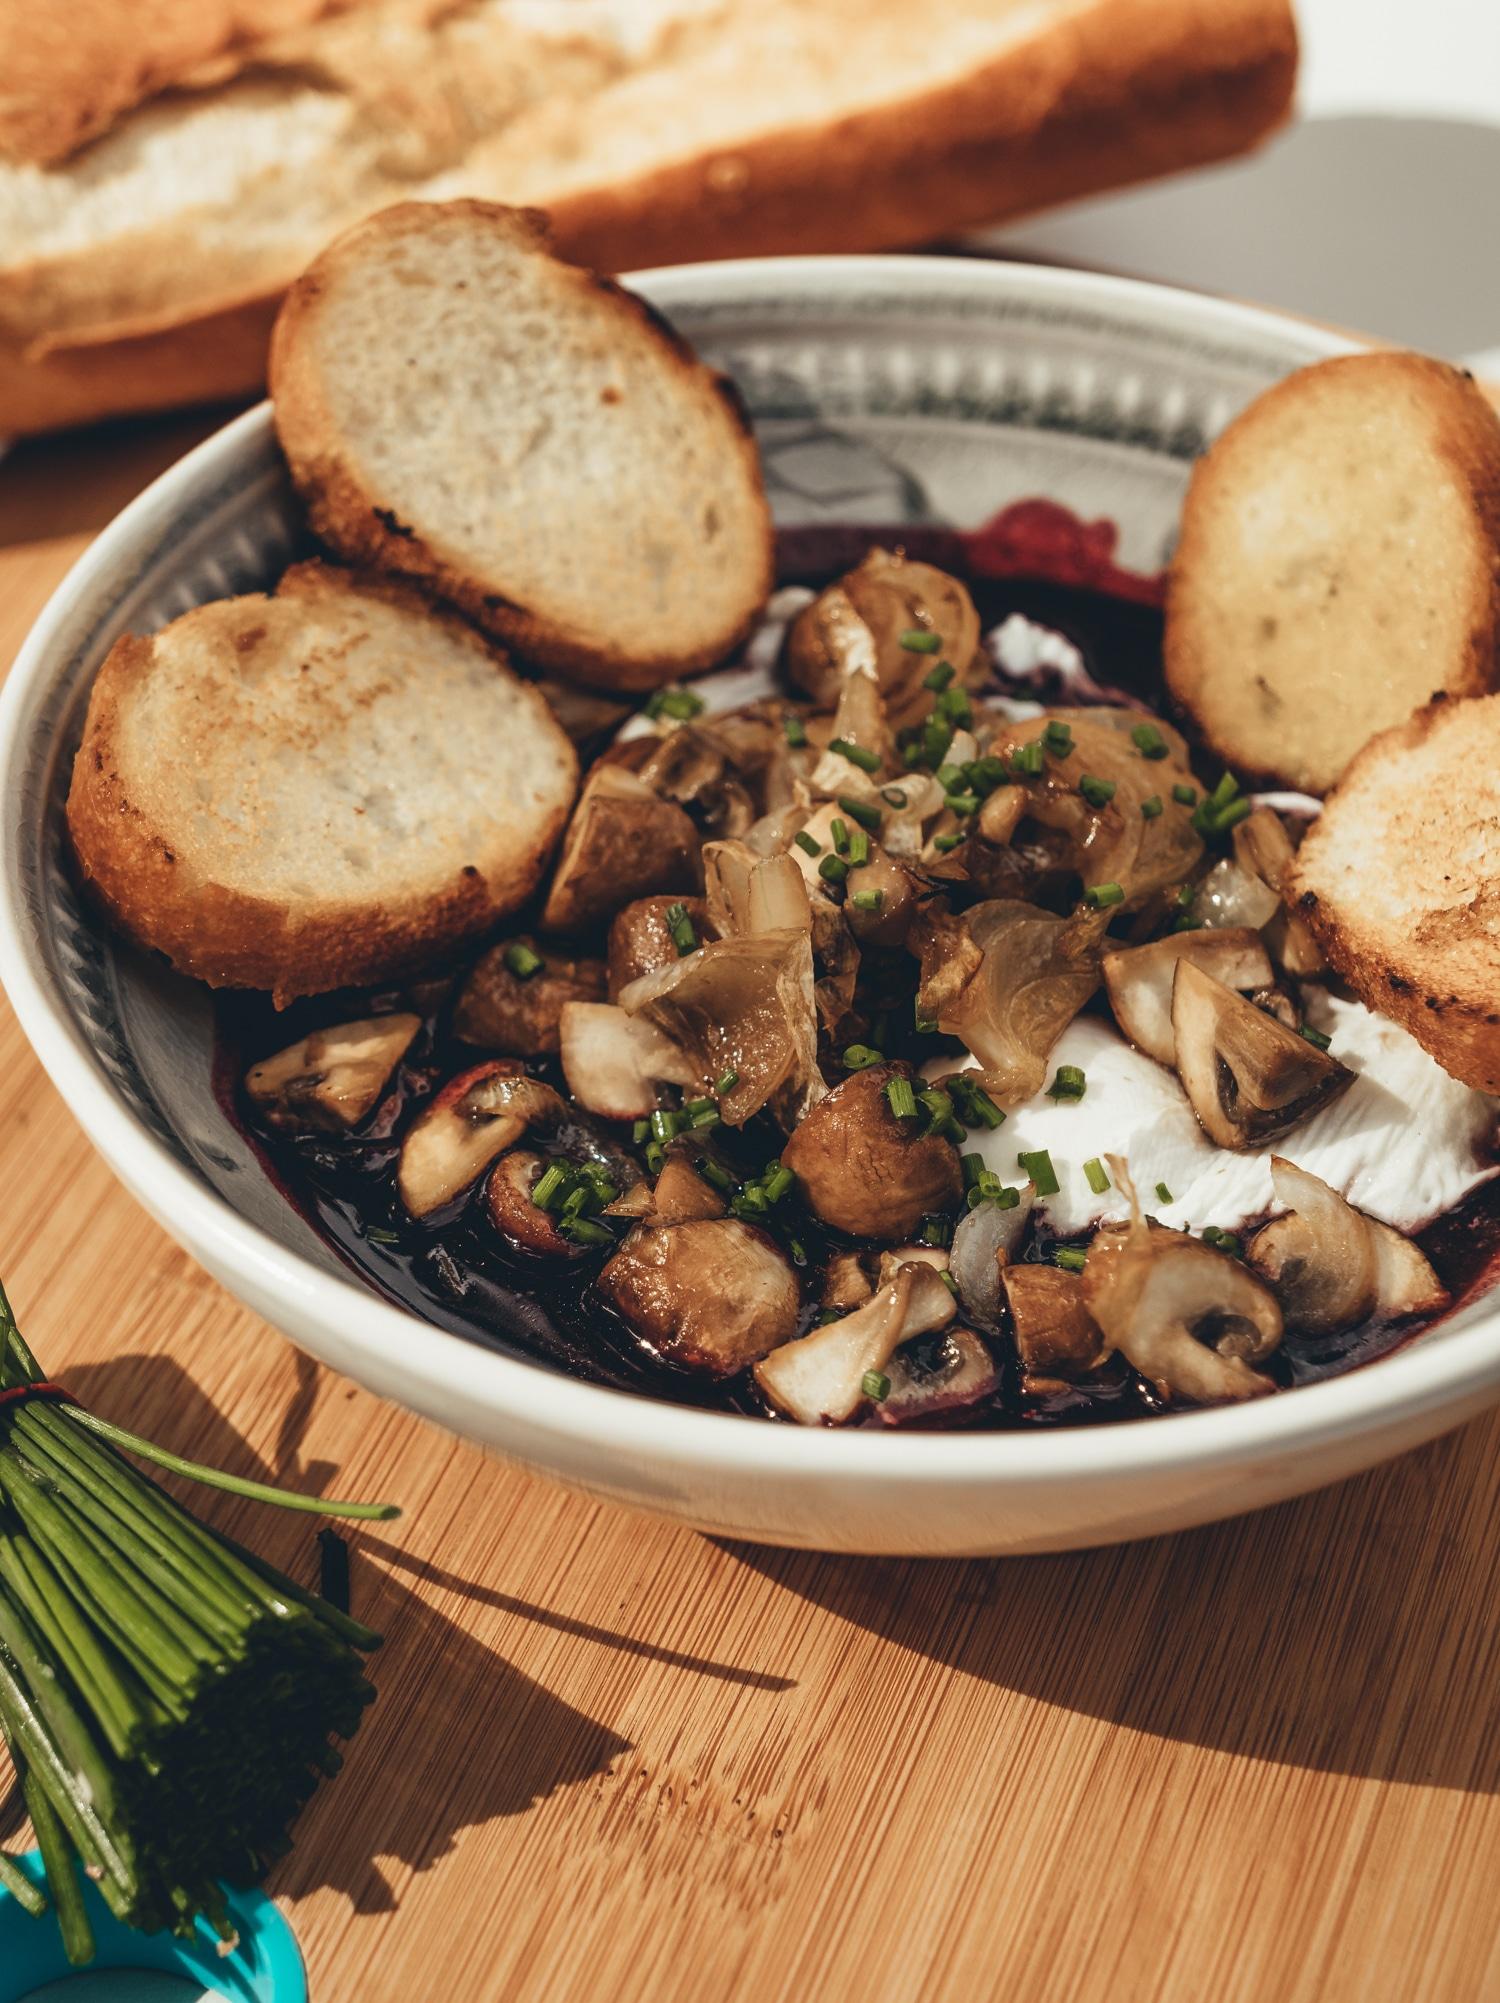 recette oeufs meurette-bourguignonne-recette veggie